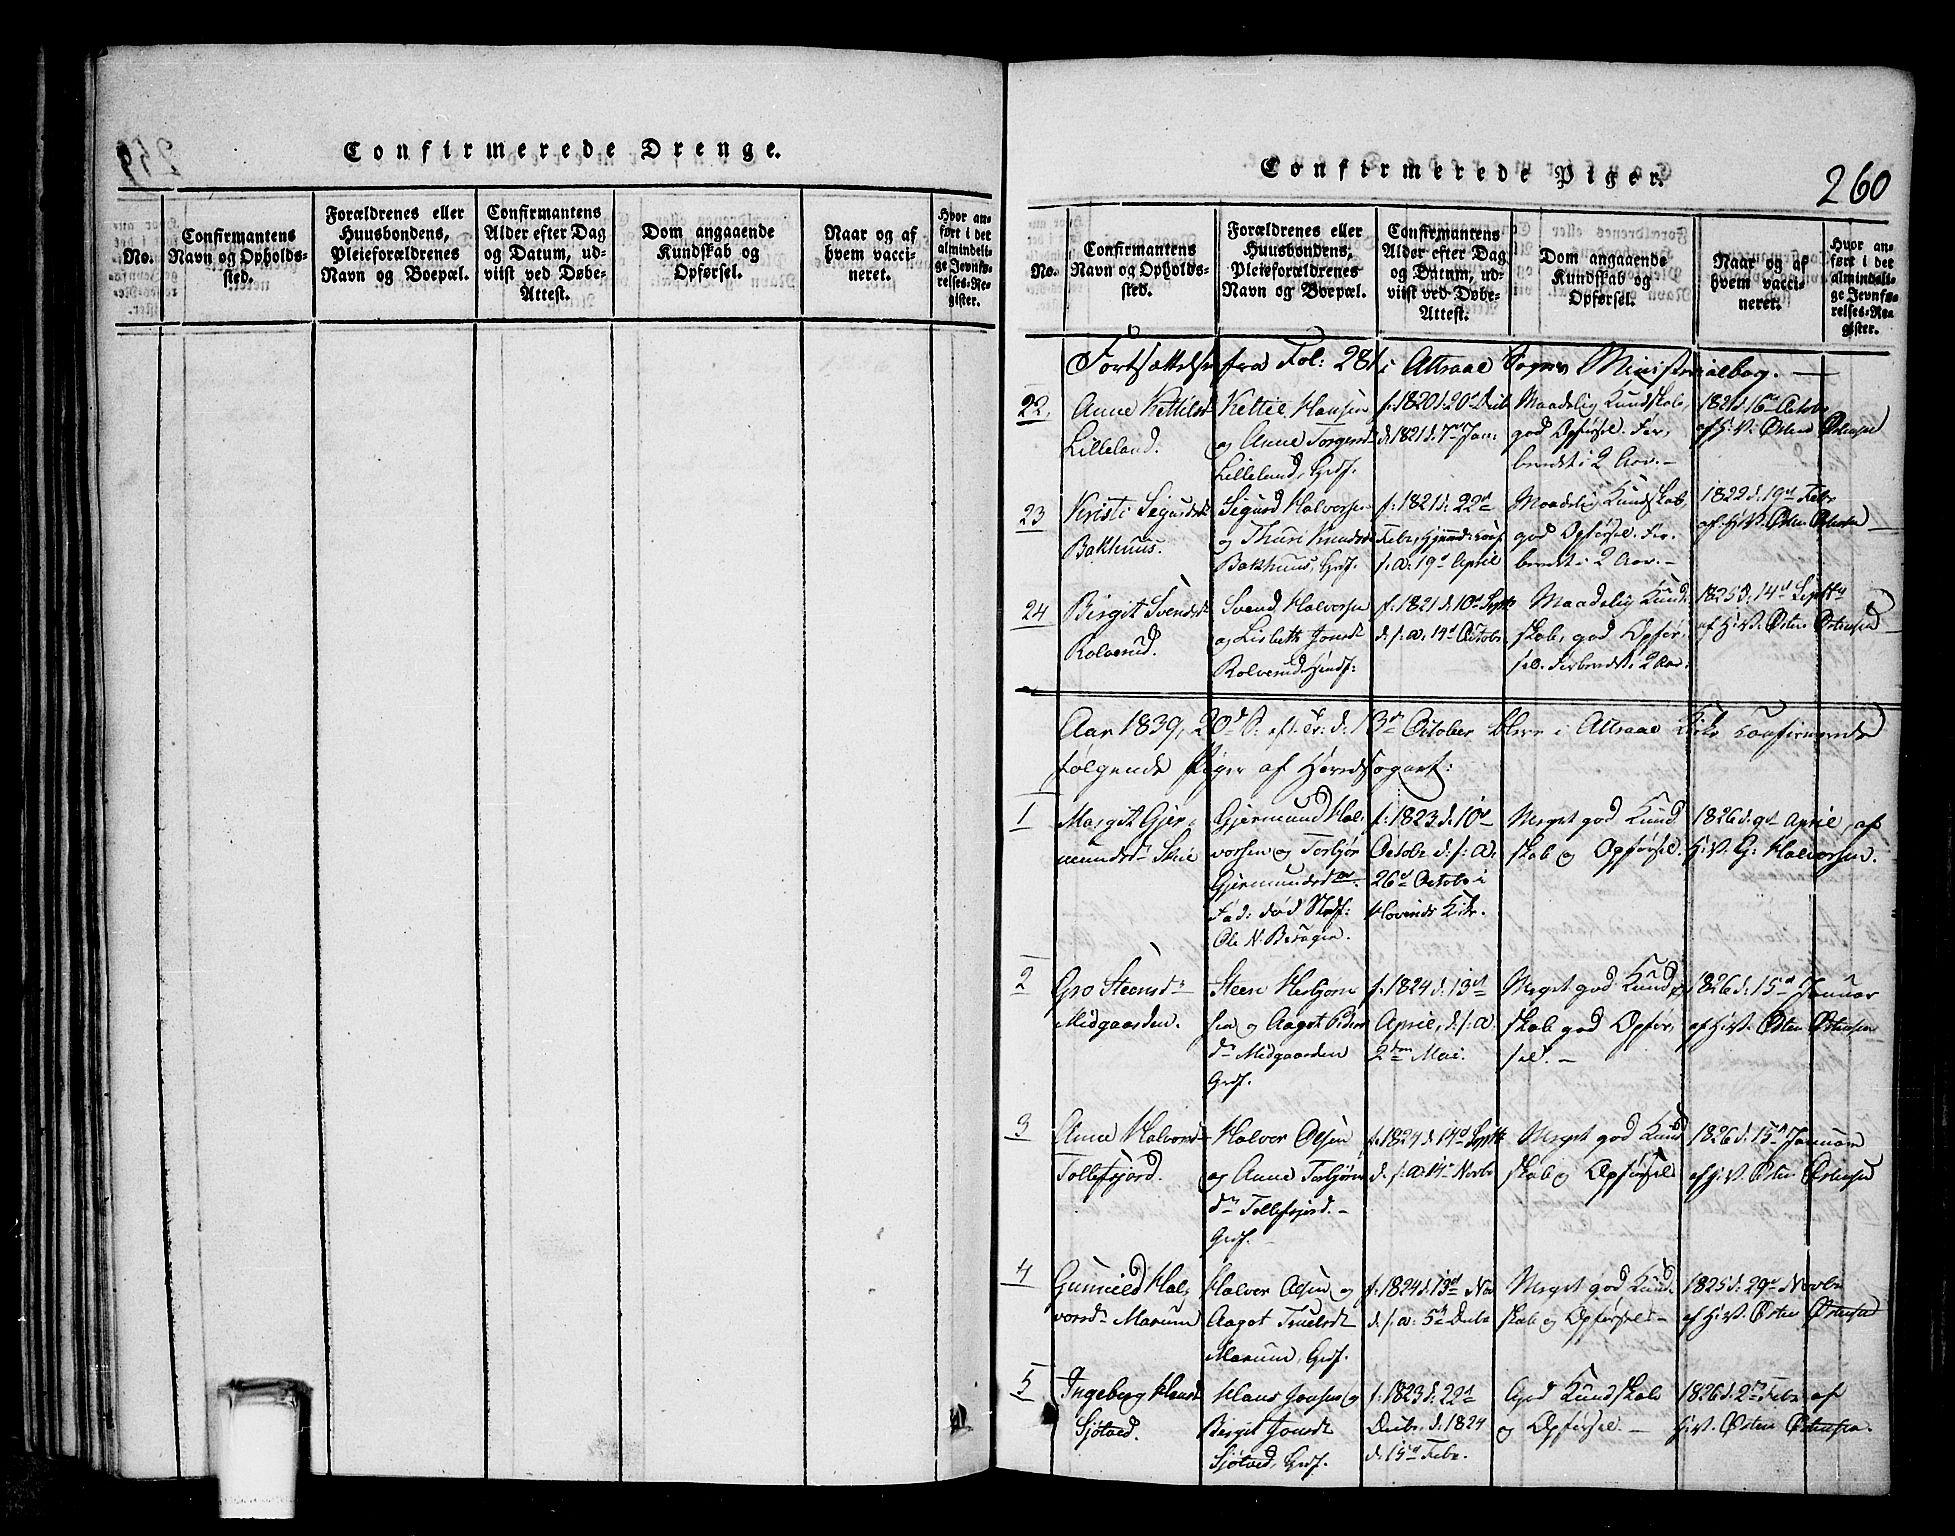 SAKO, Tinn kirkebøker, G/Gb/L0001: Klokkerbok nr. II 1 /2, 1837-1850, s. 260